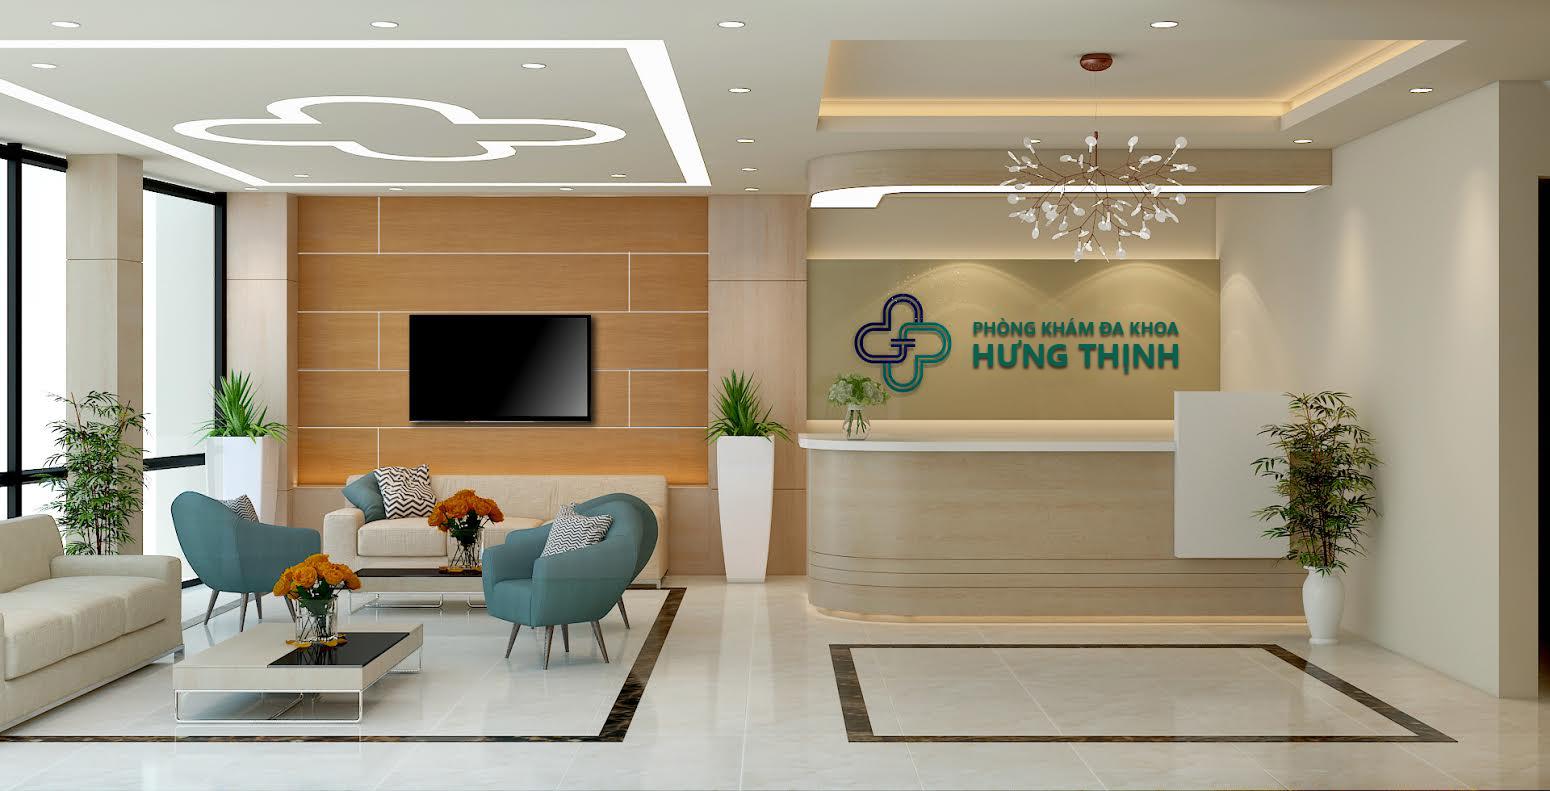 Phòng khám đa khoa Hưng Thịnh: Chất lượng và Uy tín